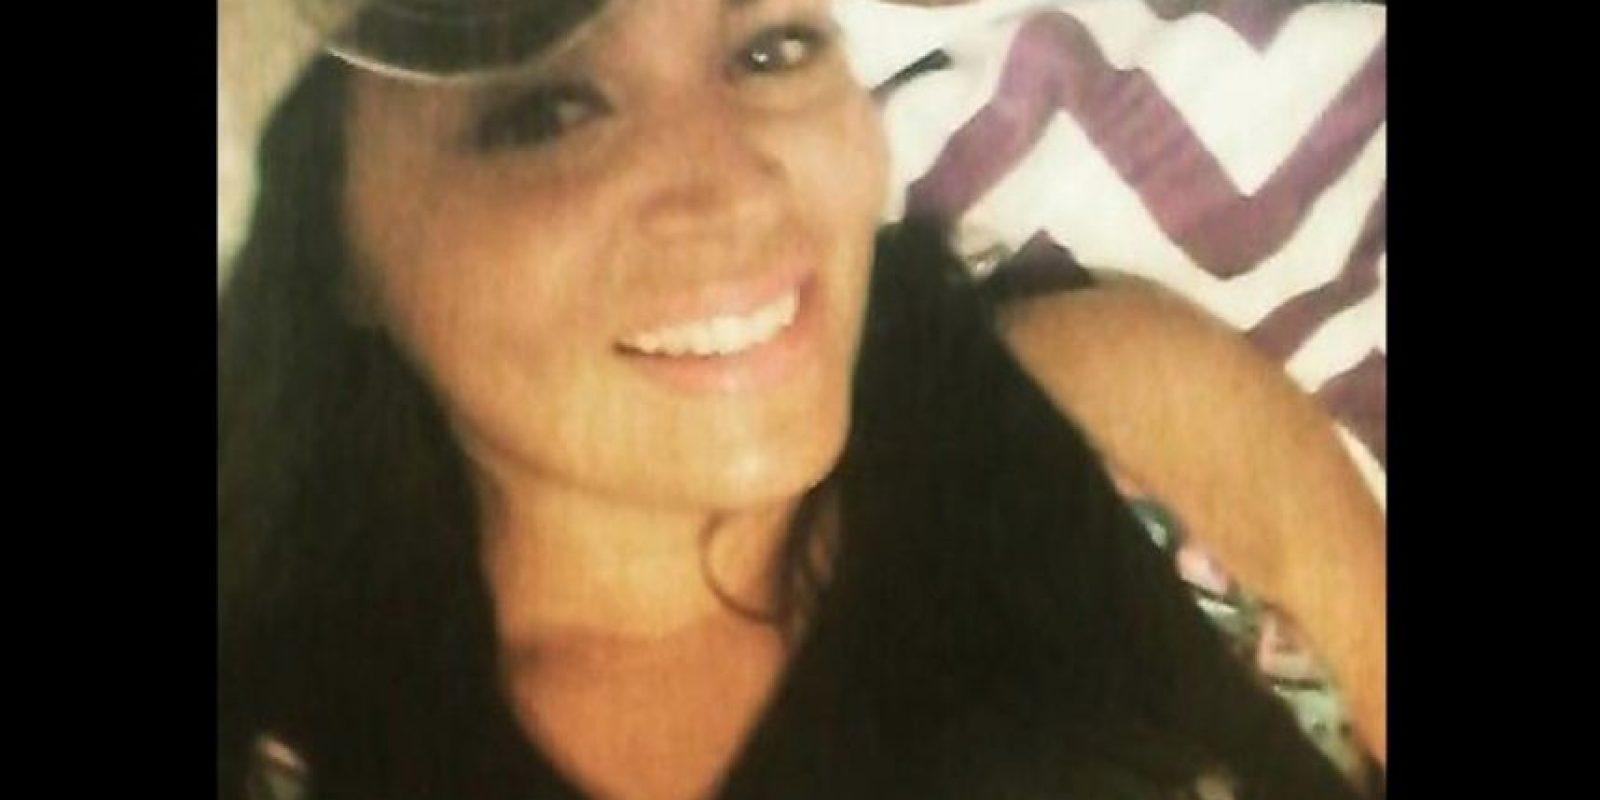 La maestra es acusada de abusar de un menor de 14 años. Foto:facebook.com/rafaelenrique.ortiz.56?fref=nf